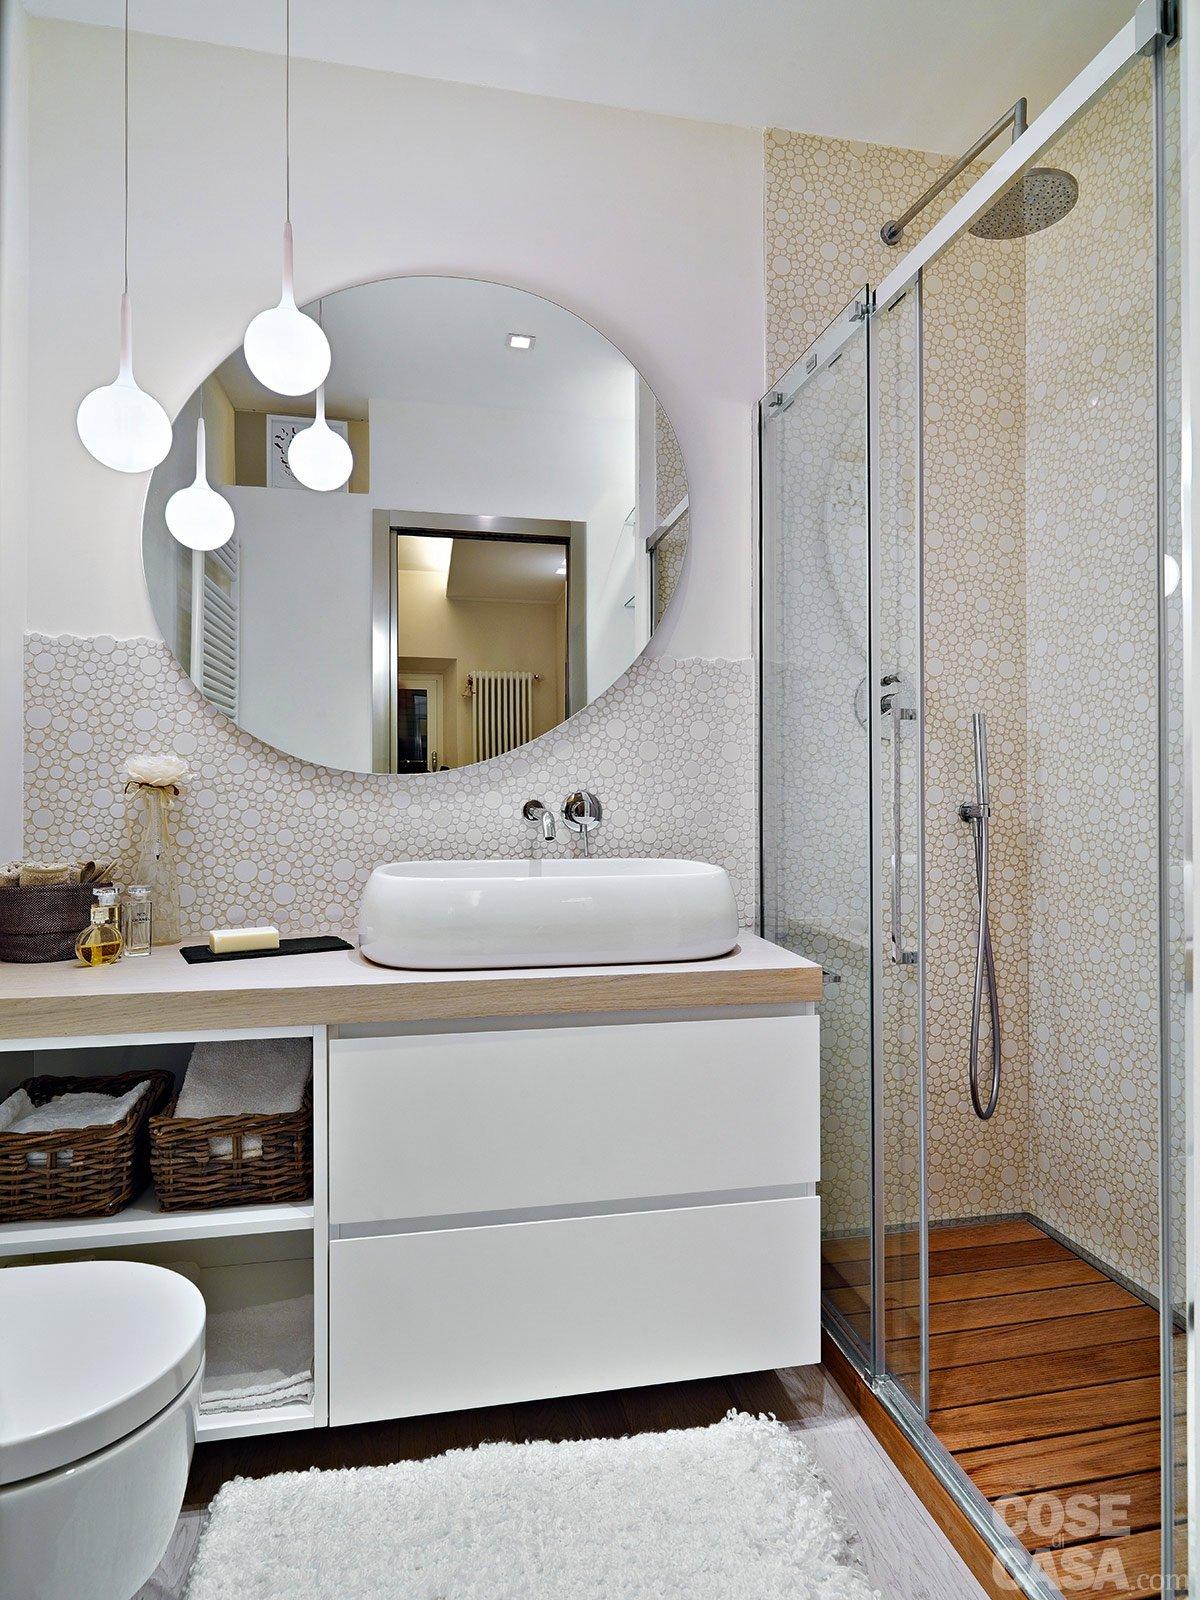 50 mq obiettivo massimo comfort cose di casa for Arredare bagno piccolo con lavatrice